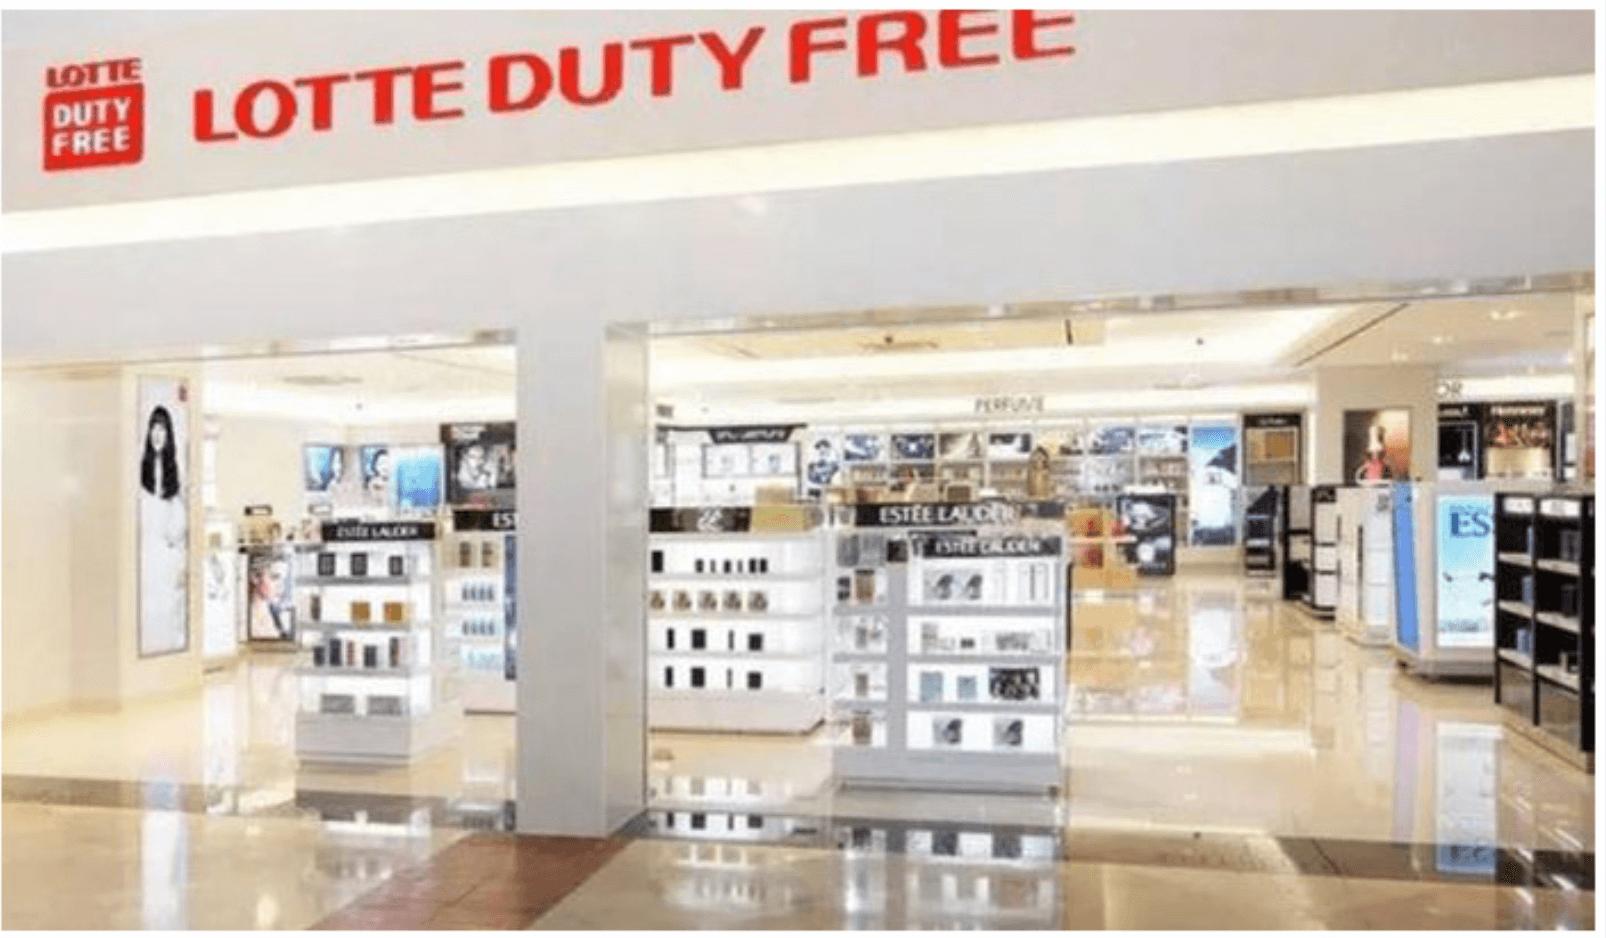 Chakan Factory en Duty Free